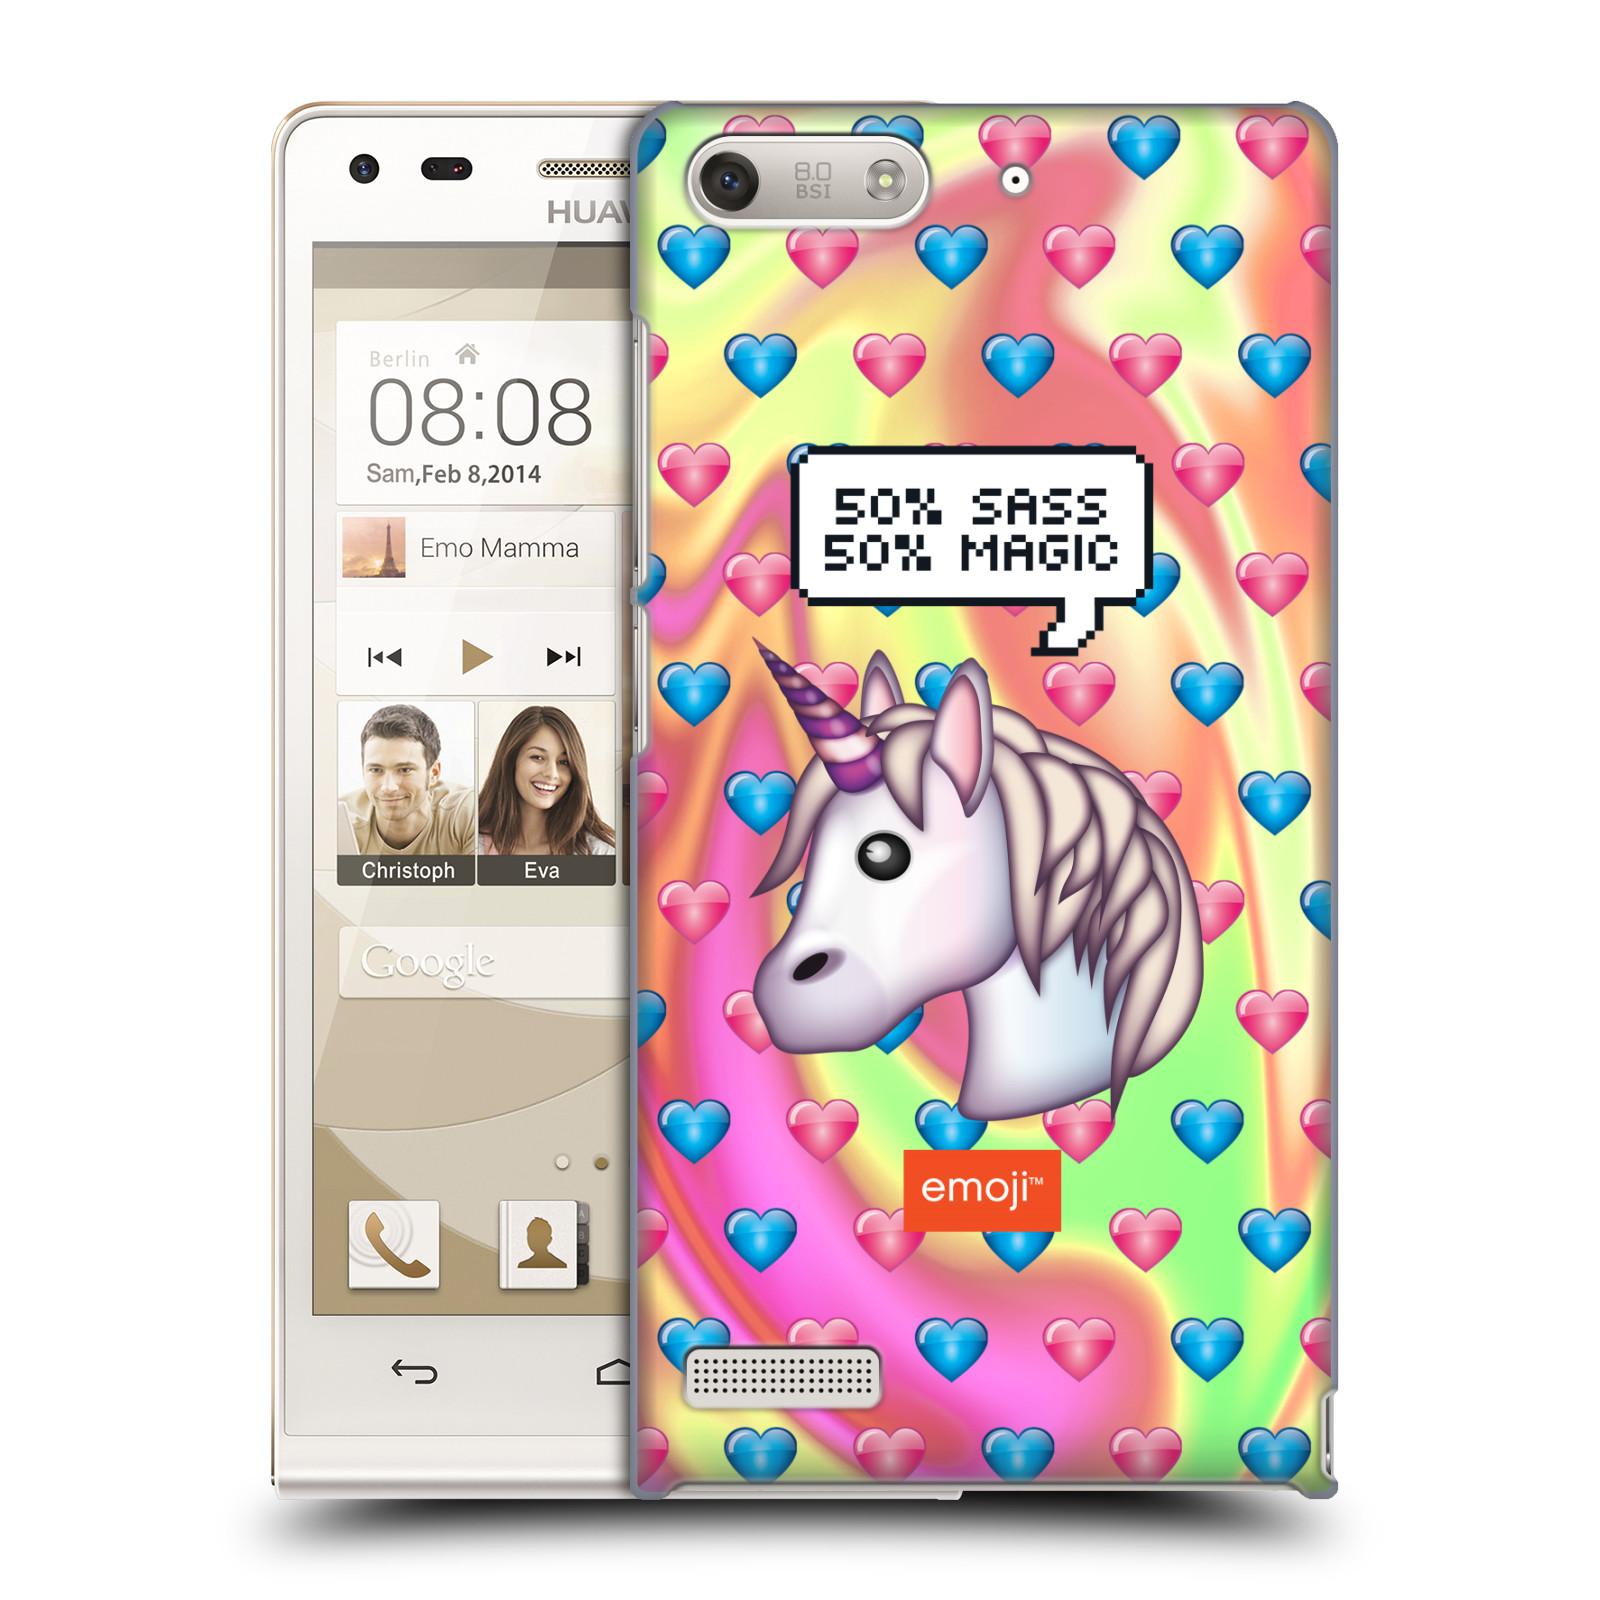 Plastové pouzdro na mobil Huawei Ascend G6 HEAD CASE EMOJI - Jednorožec (Kryt či obal s oficiálním motivem EMOJI na mobilní telefon Huawei Ascend G6 bez LTE)